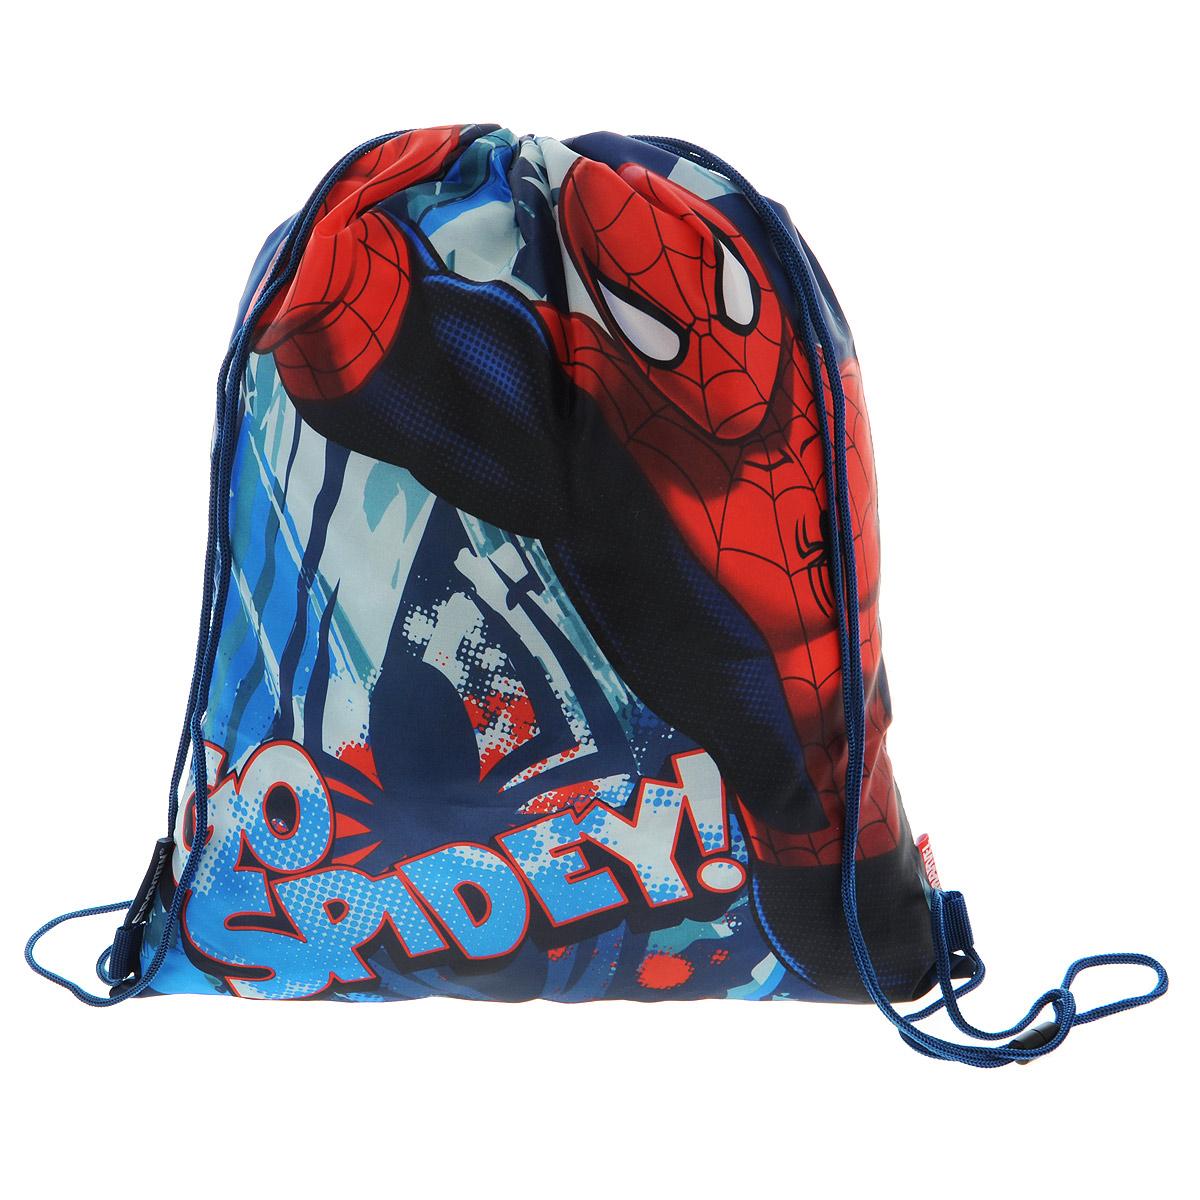 Spider-Man Сумка для сменной обуви Spider-man Classic цвет синий красный